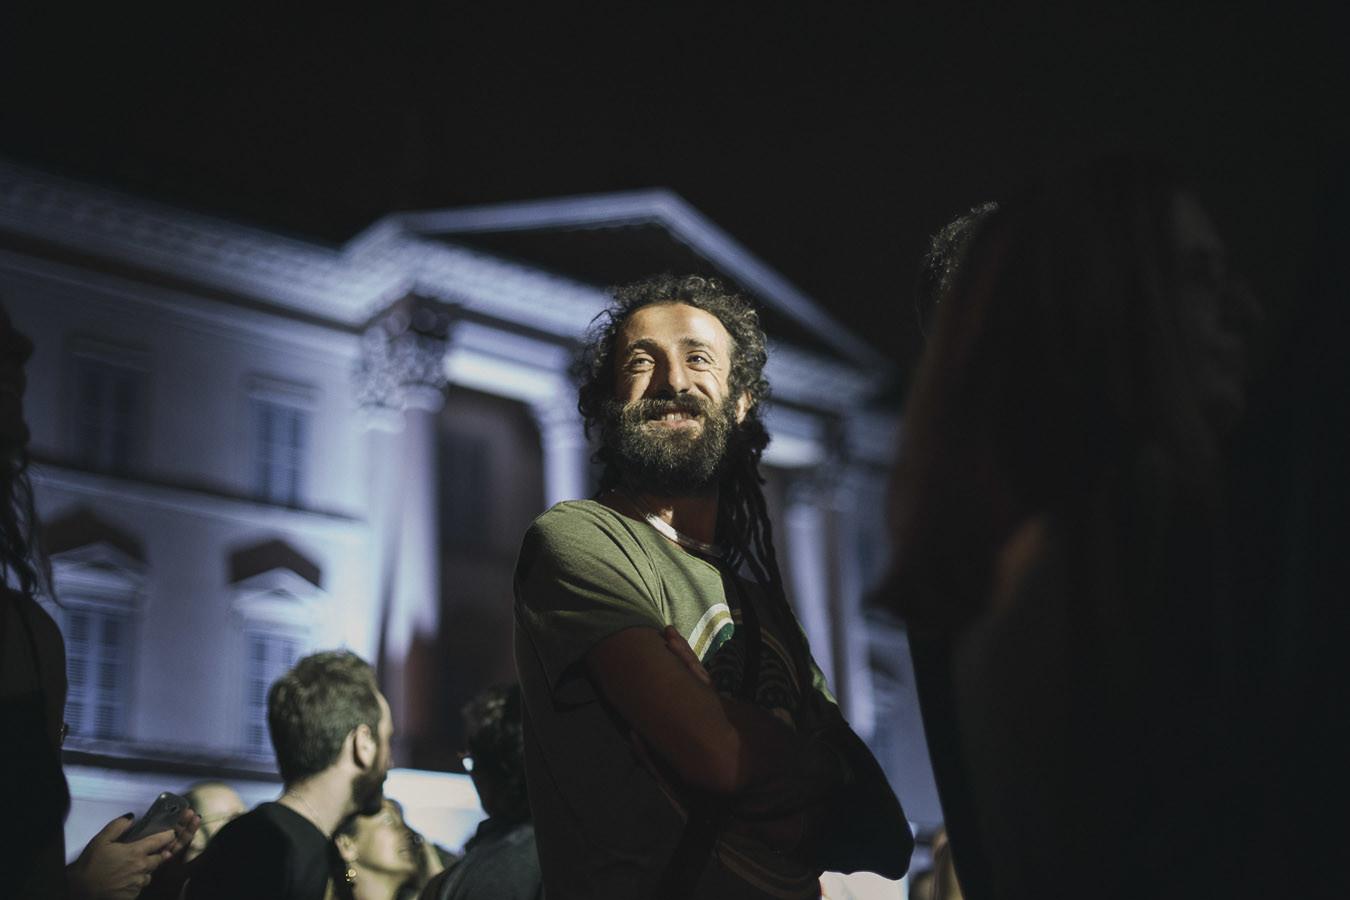 fotografo_eventi_concerti_festival_desio_tittoni_foto_marco_reggi_283